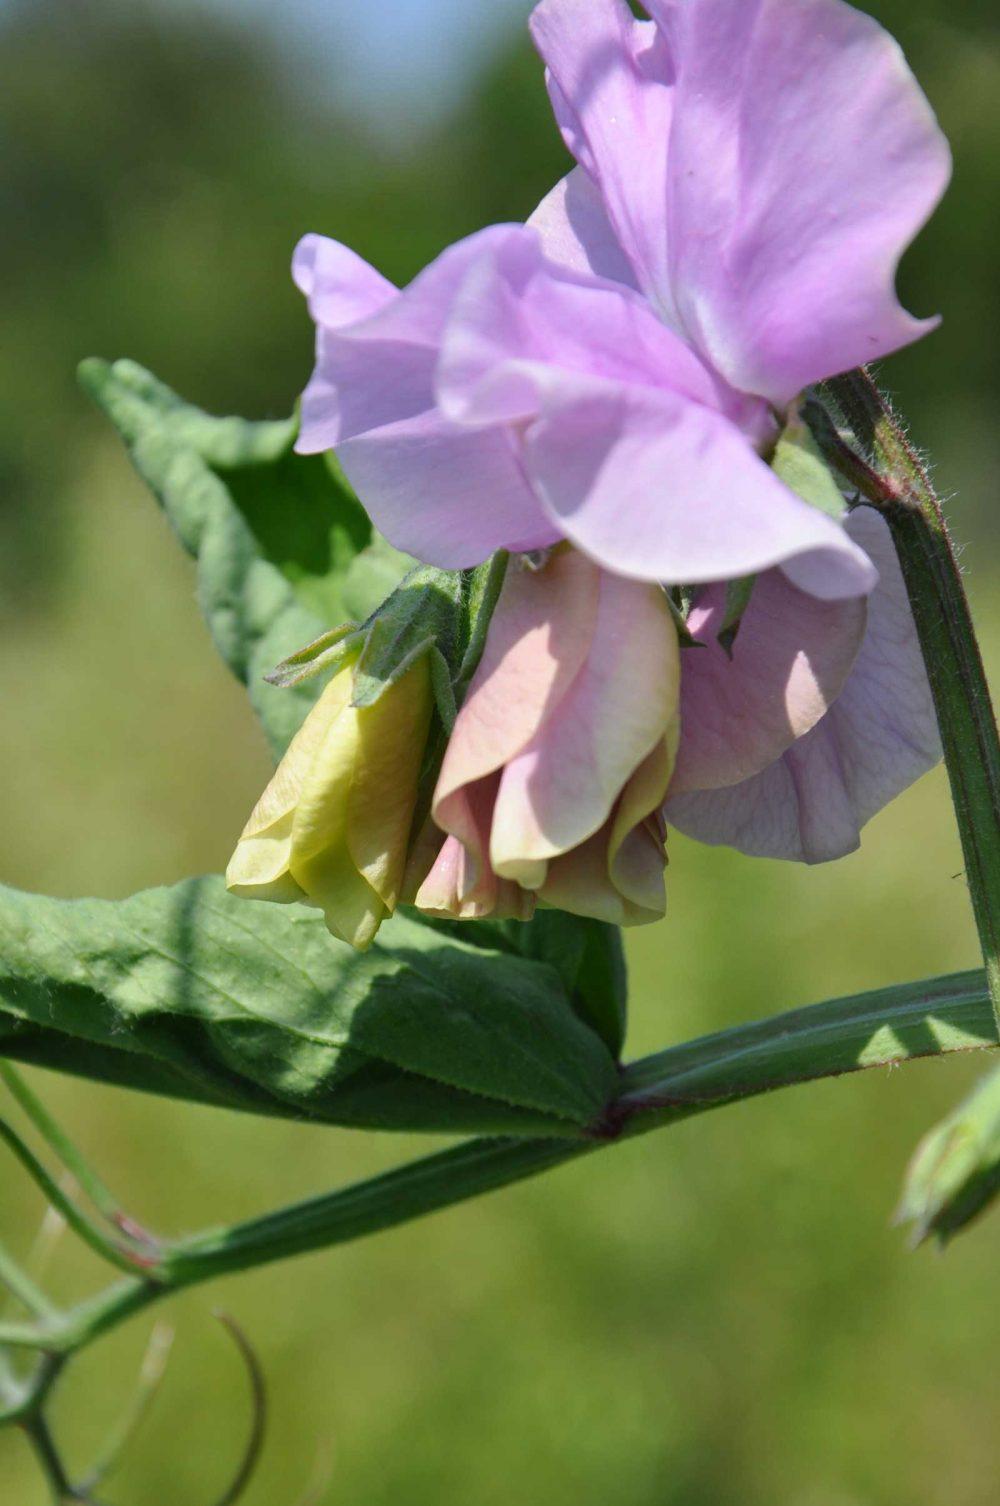 Sweet Peas - british flowers grown in Dorset